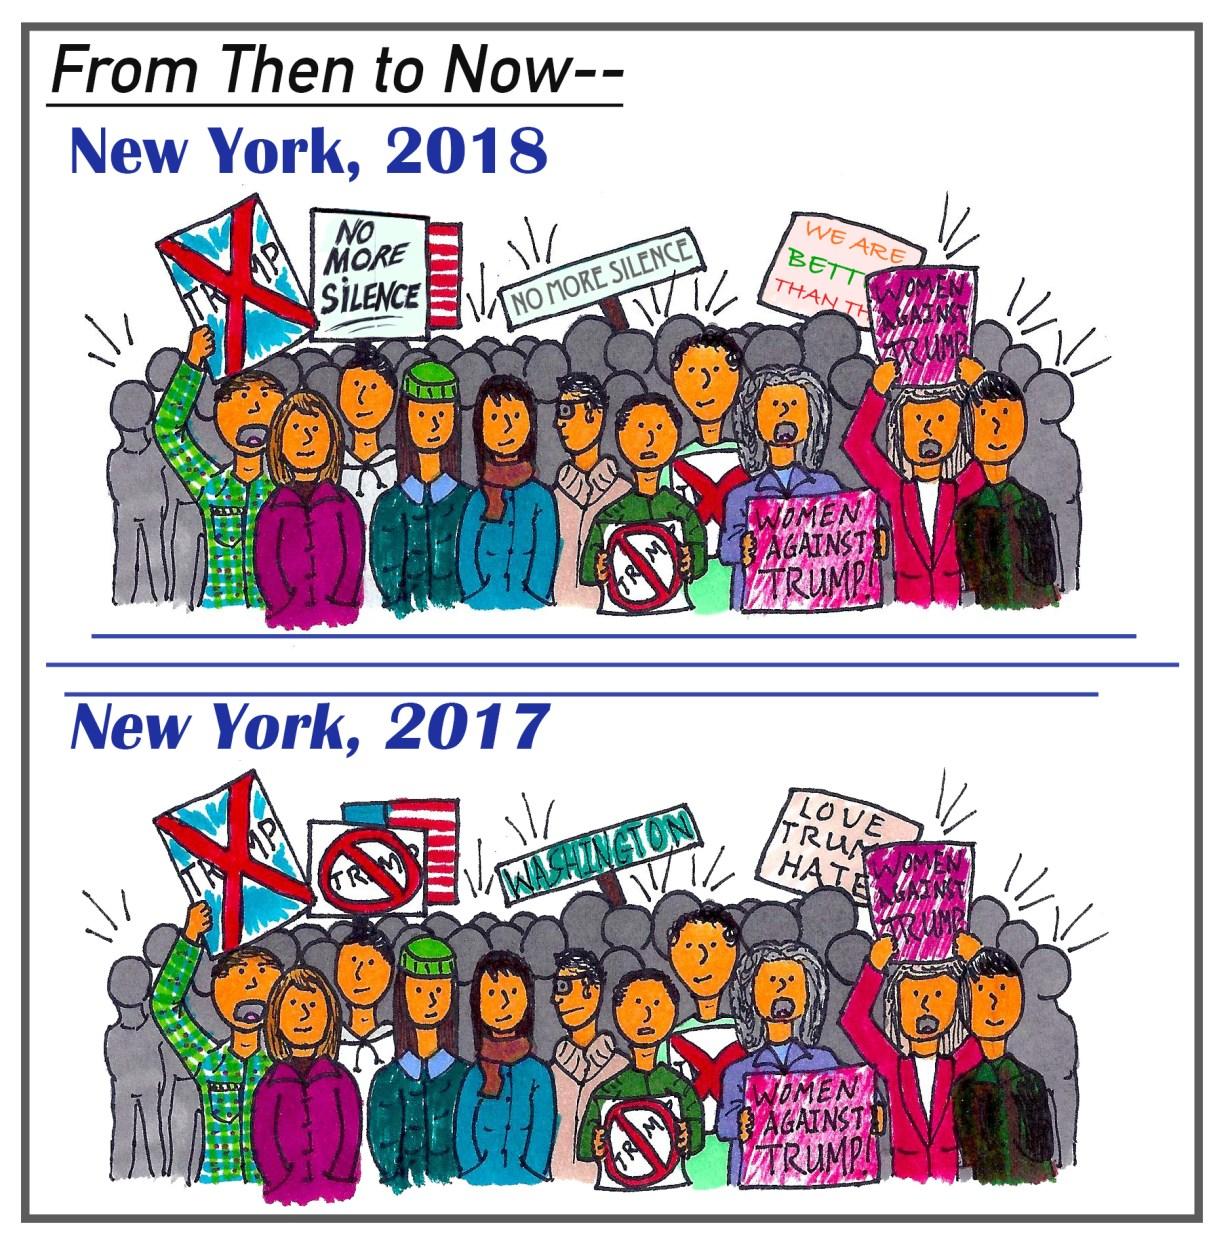 Women's March update.jpg